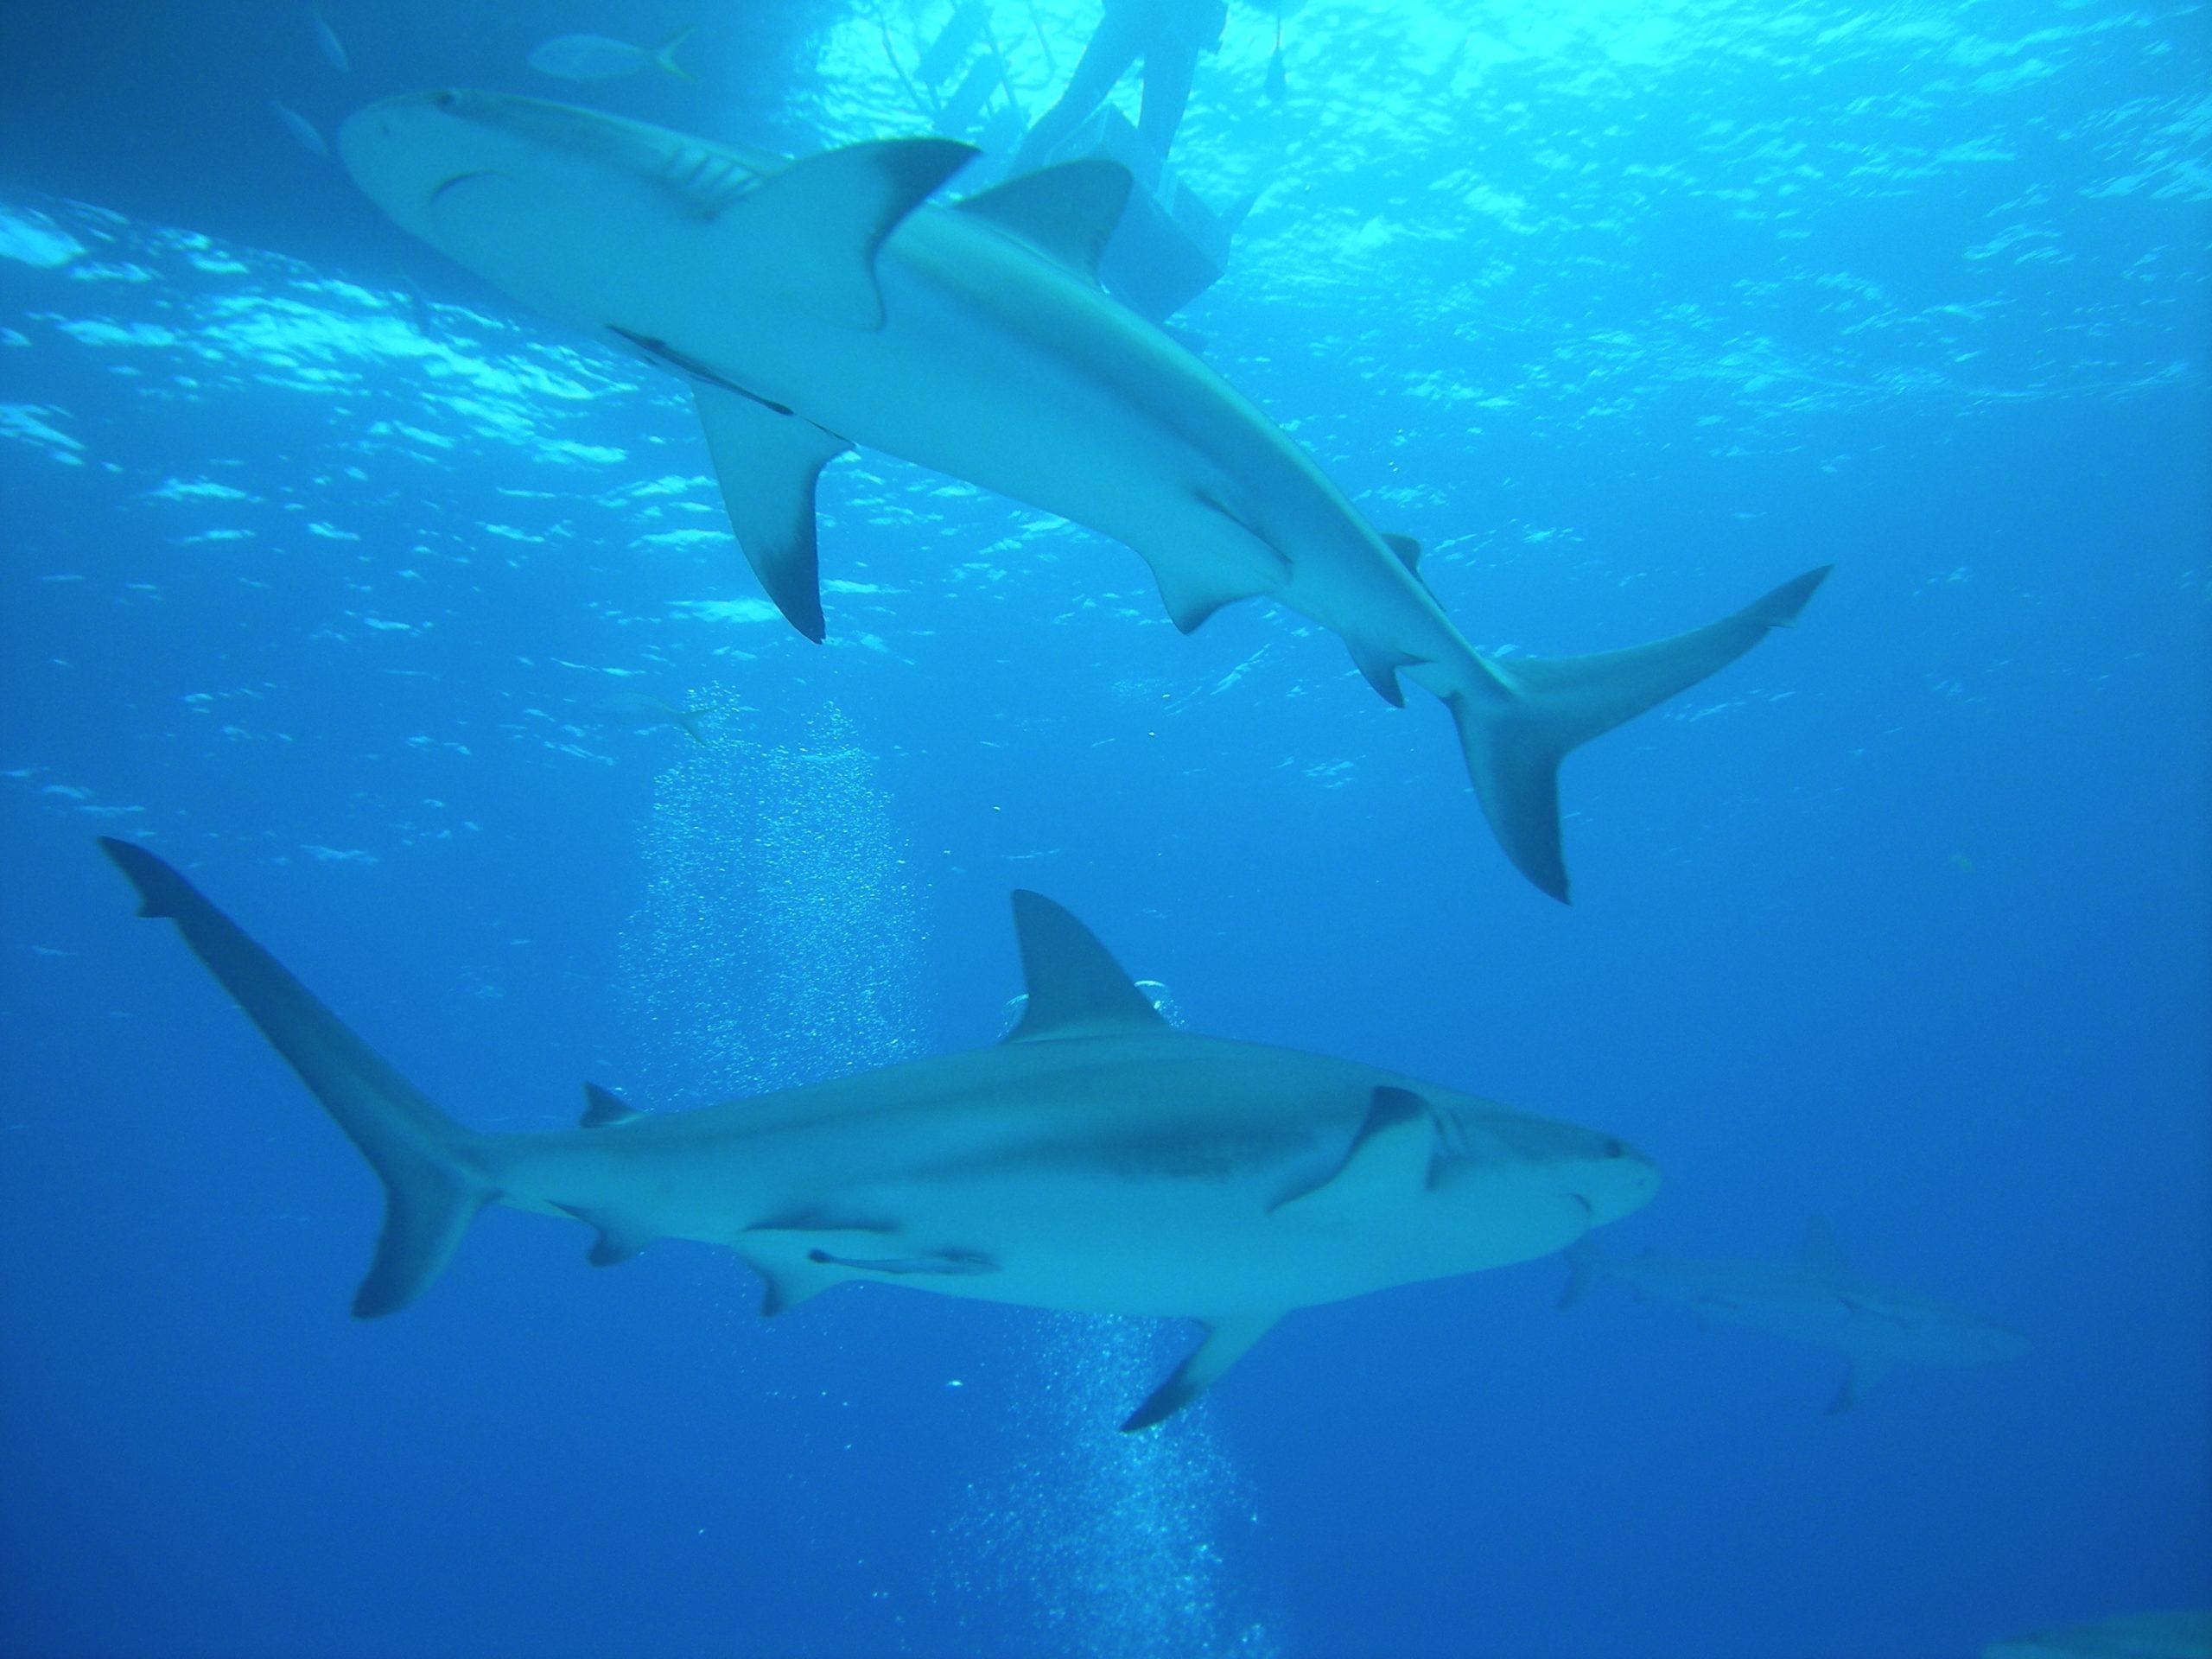 Arken solgte fredet hajkød, men hvad mener eksperterne?